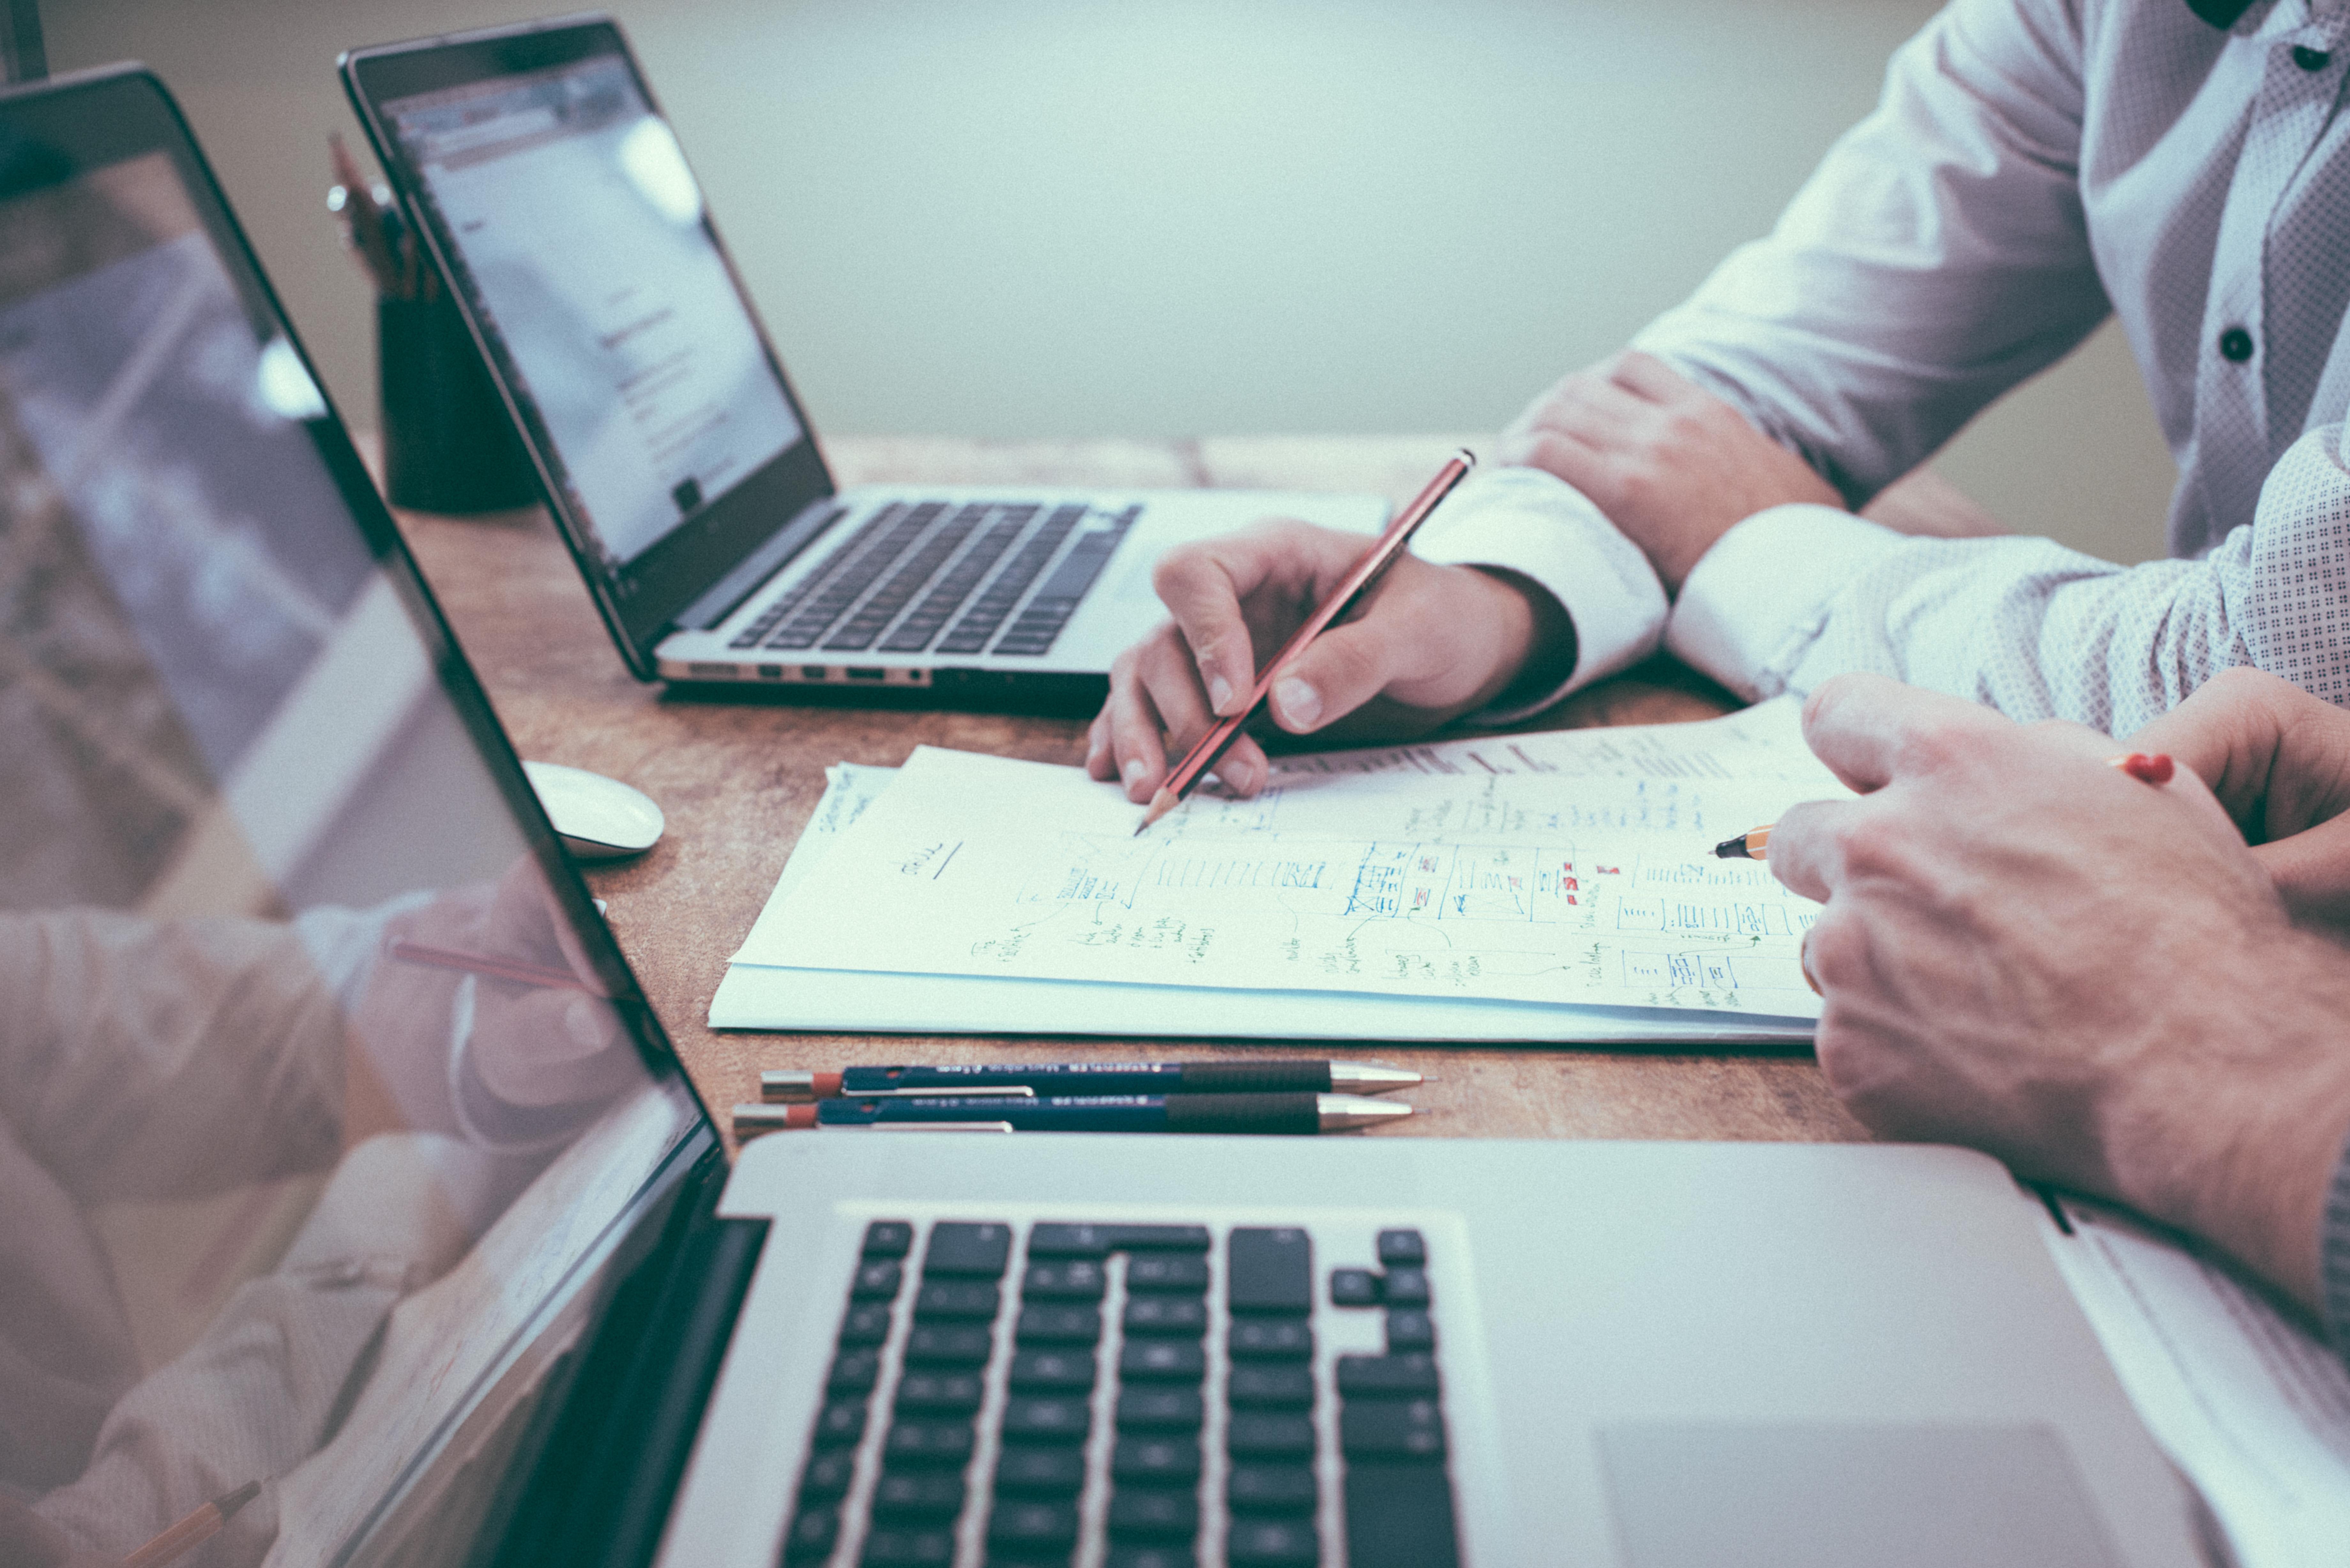 Comment caractériser le devoir de conseil des notaires?